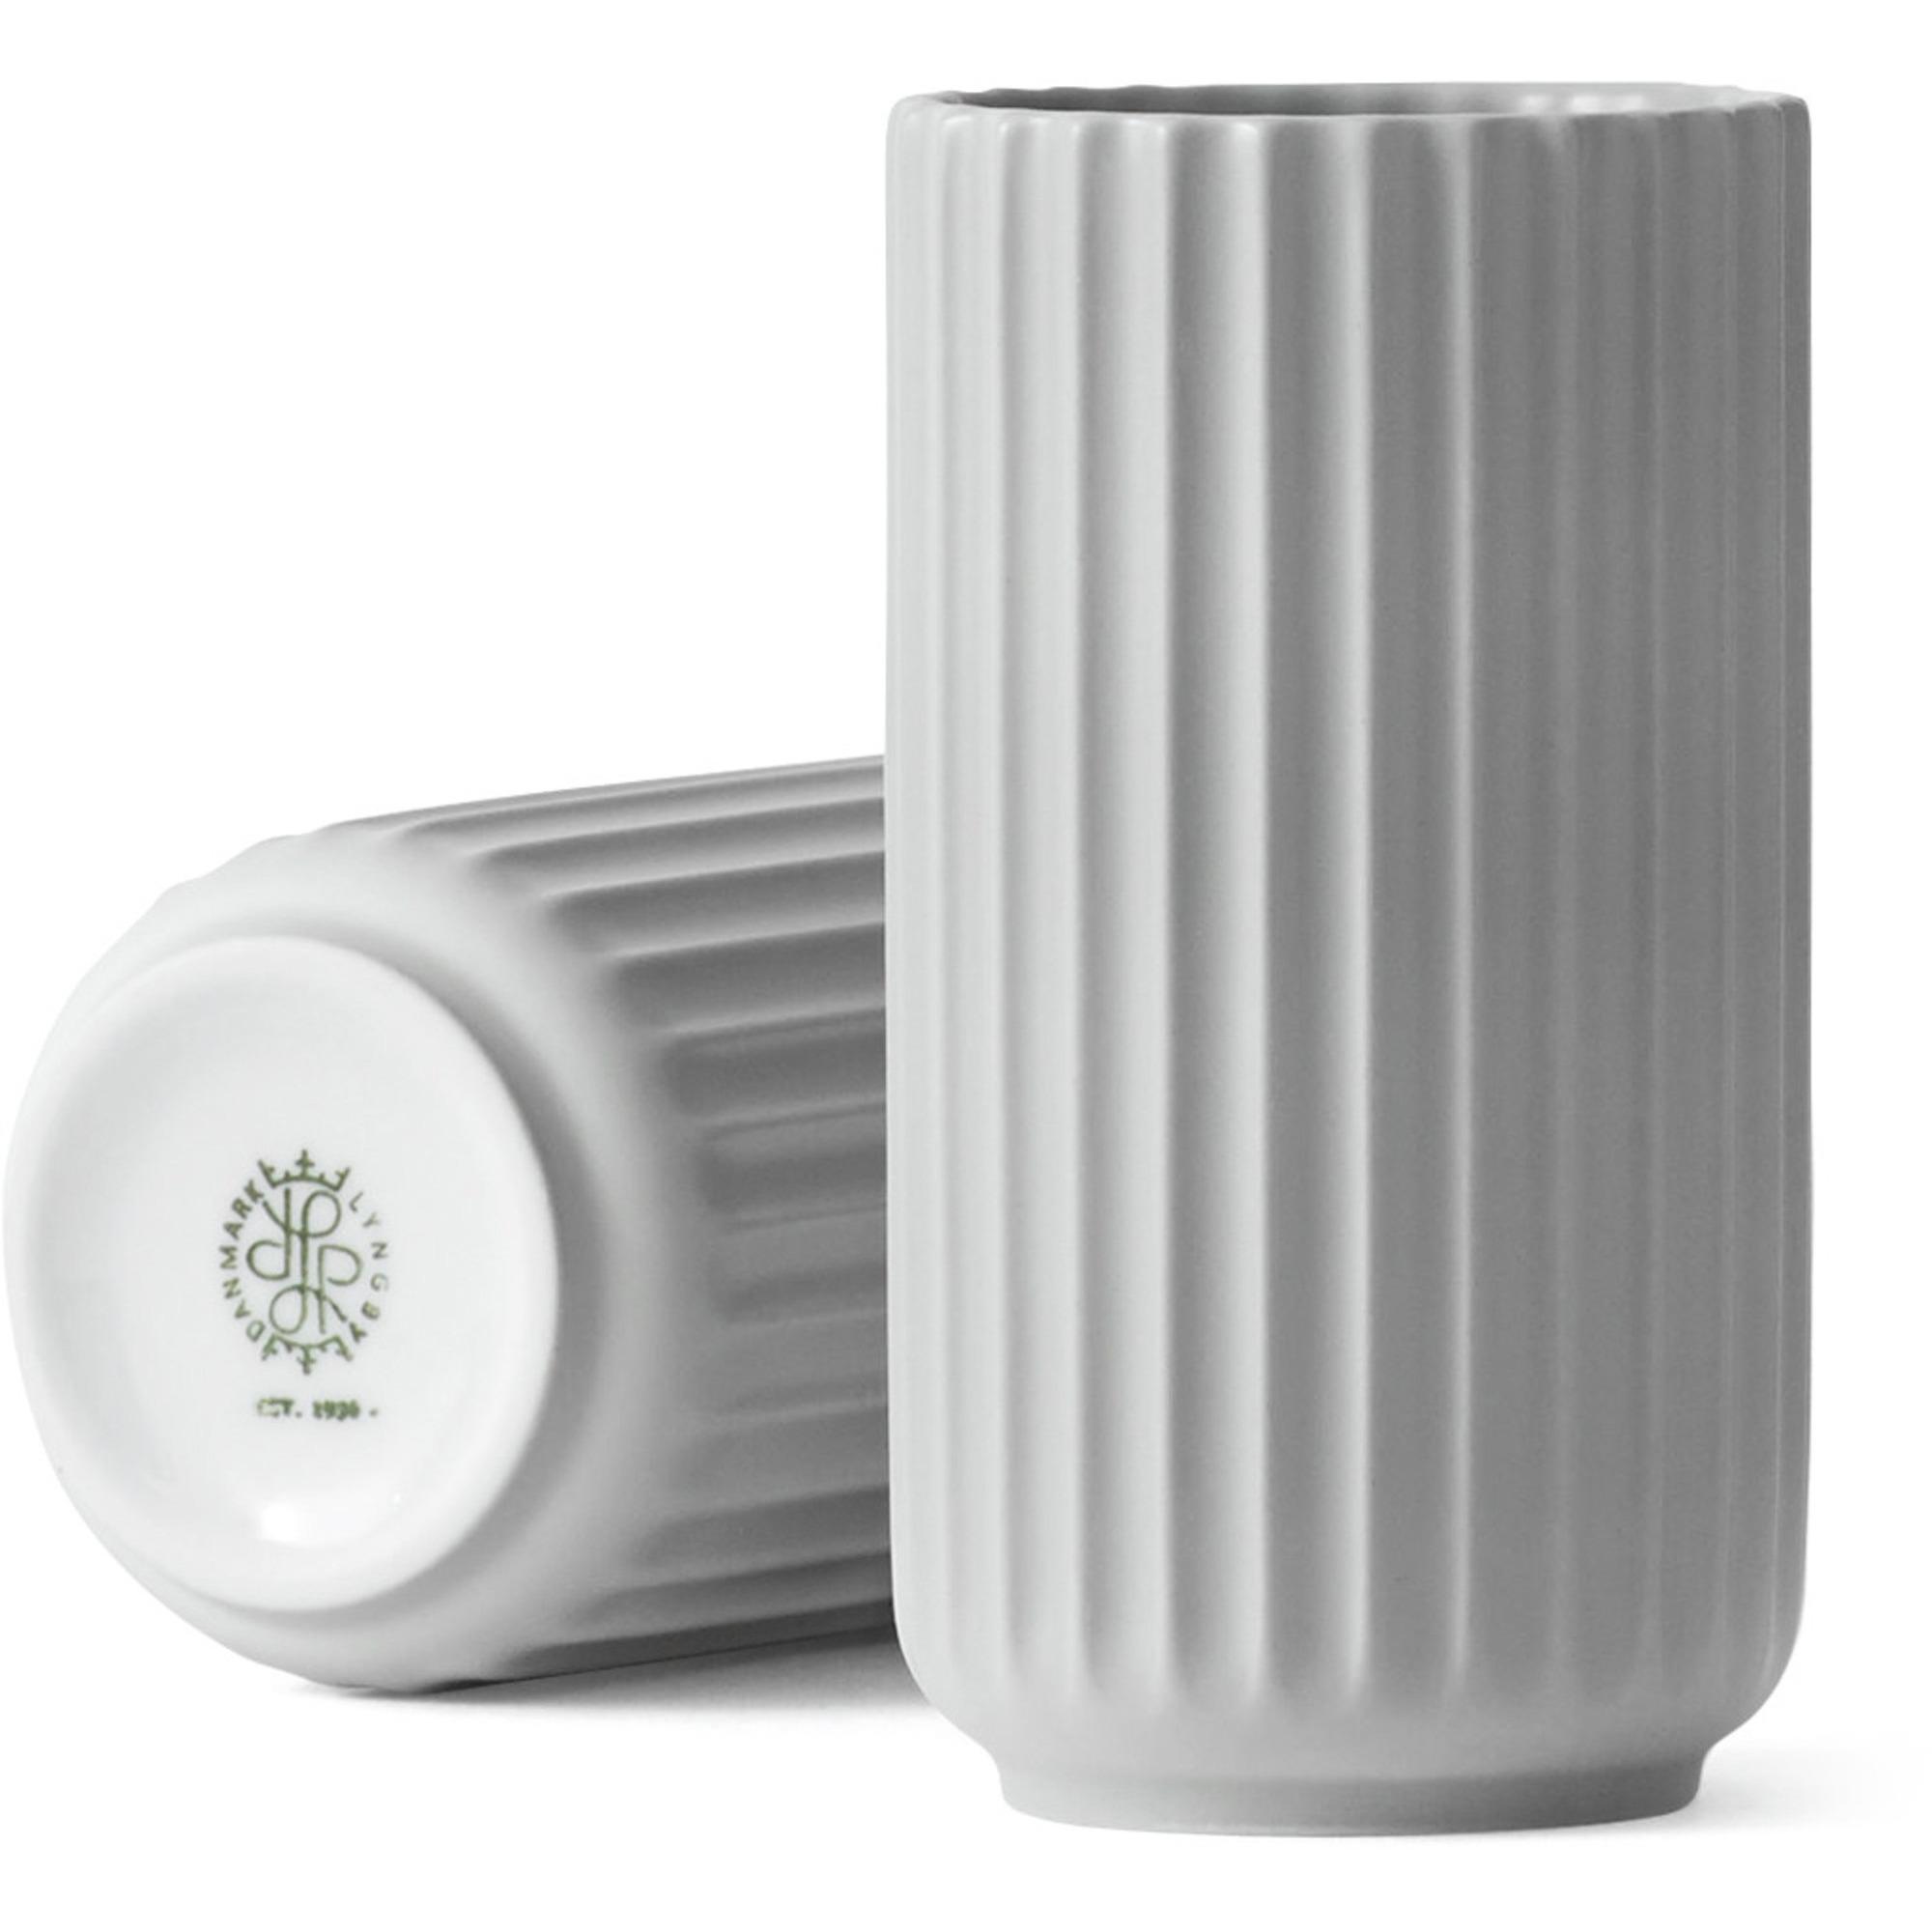 Lyngby Porcelæn Lyngbyvasen 12 cm. porslin – ljusgrå